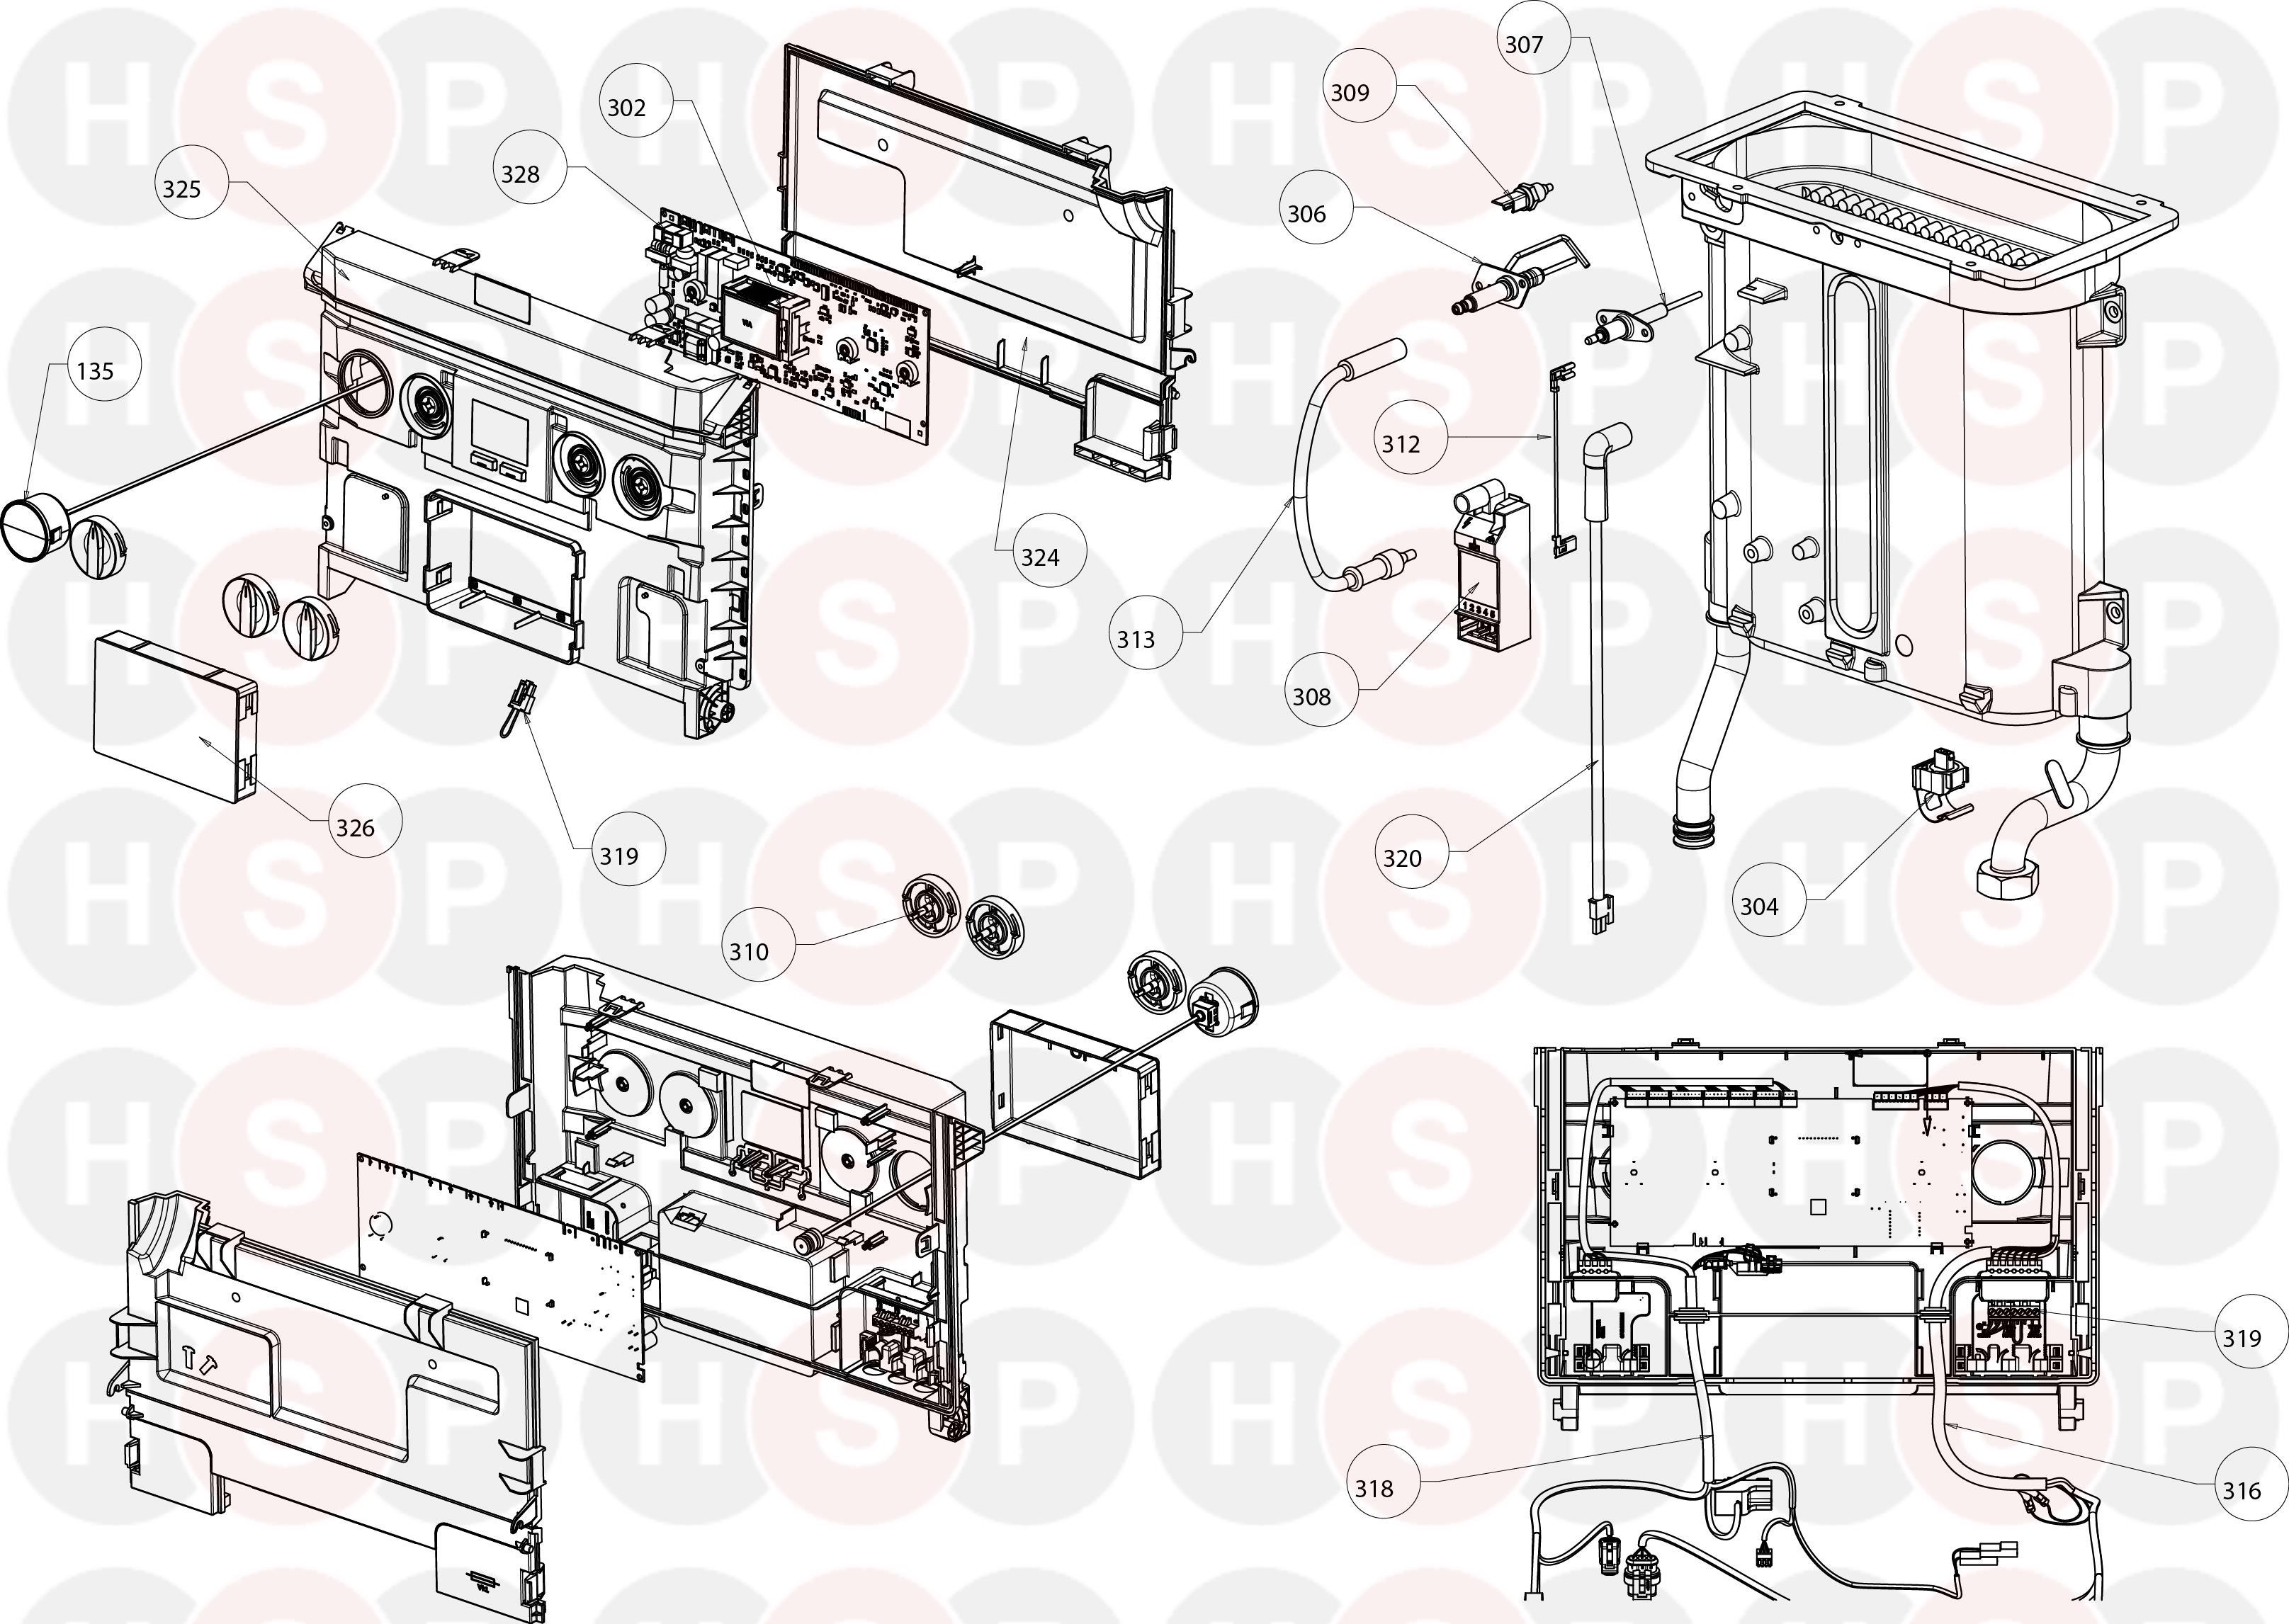 ideal 30 combi esp1  controls  diagram